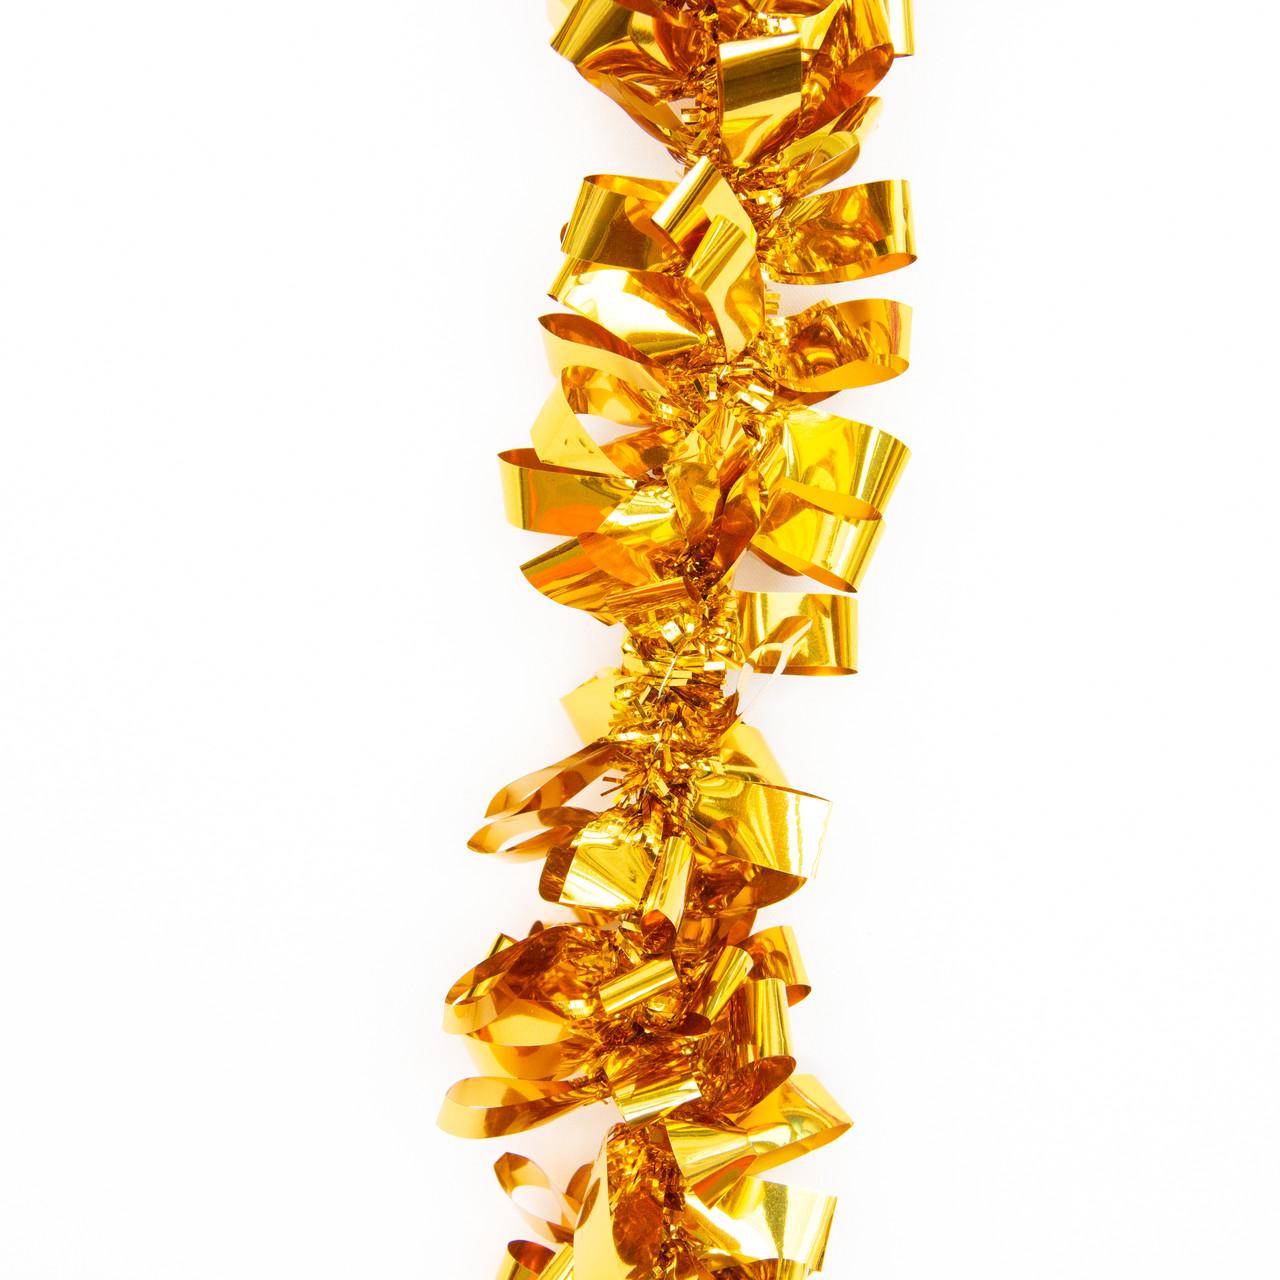 Новогоднее украшение - мишура, 200*7 см, ПВХ, золотистый (ГСБ-70/2-2)